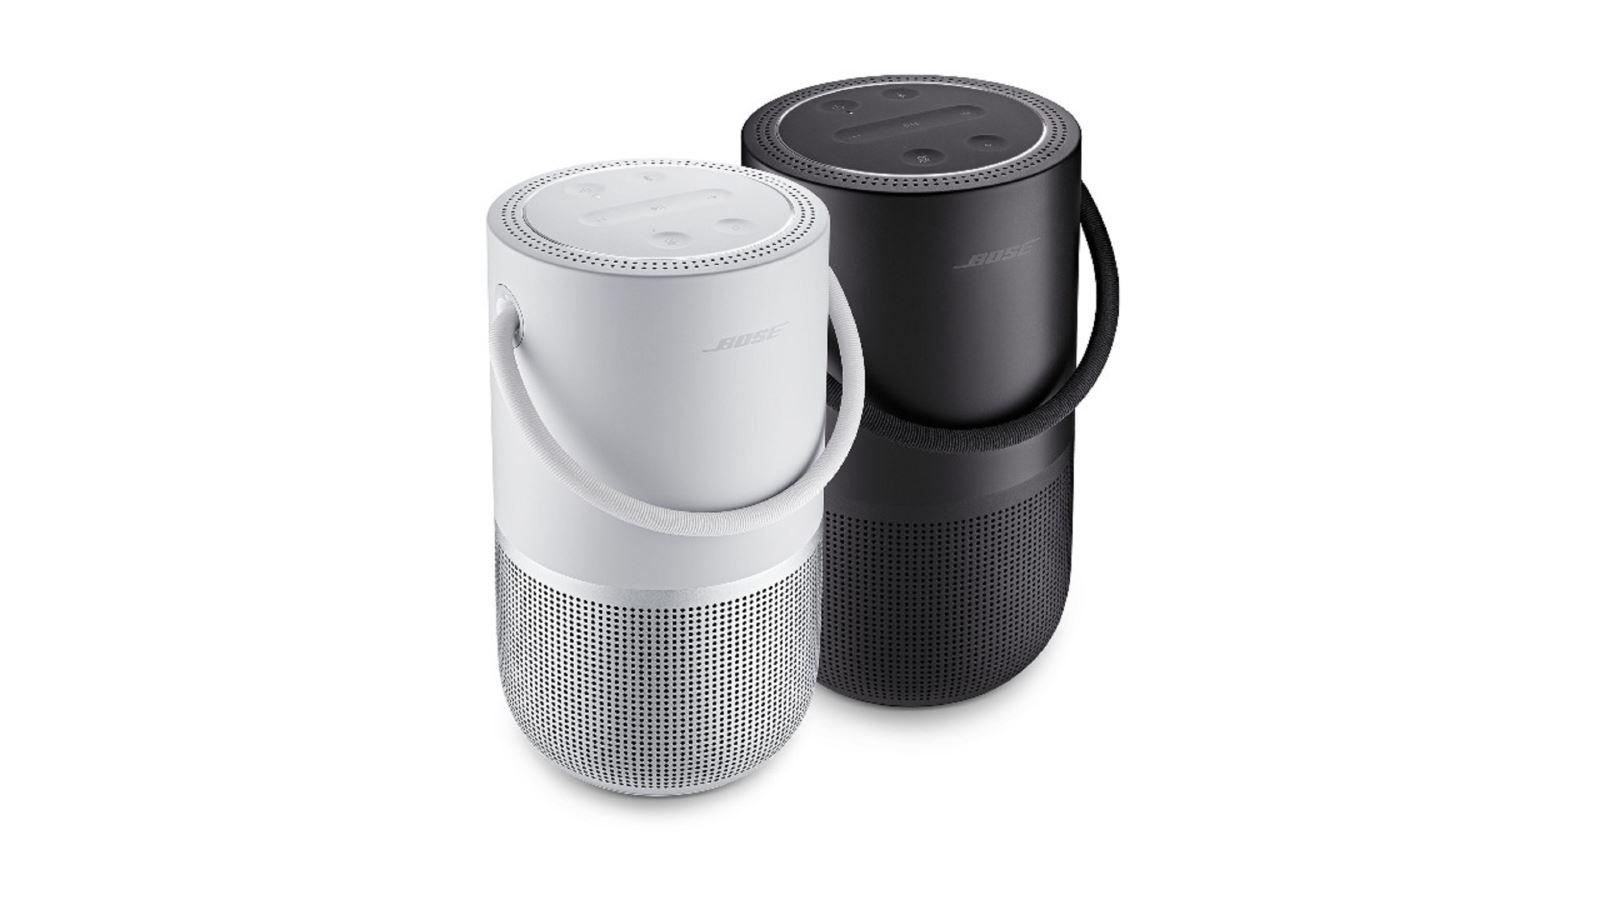 Bose ra mắt Portable Home Speaker:Âm thanh 360 độ,có AirPlay 2, pin 12h, giá 349 USD